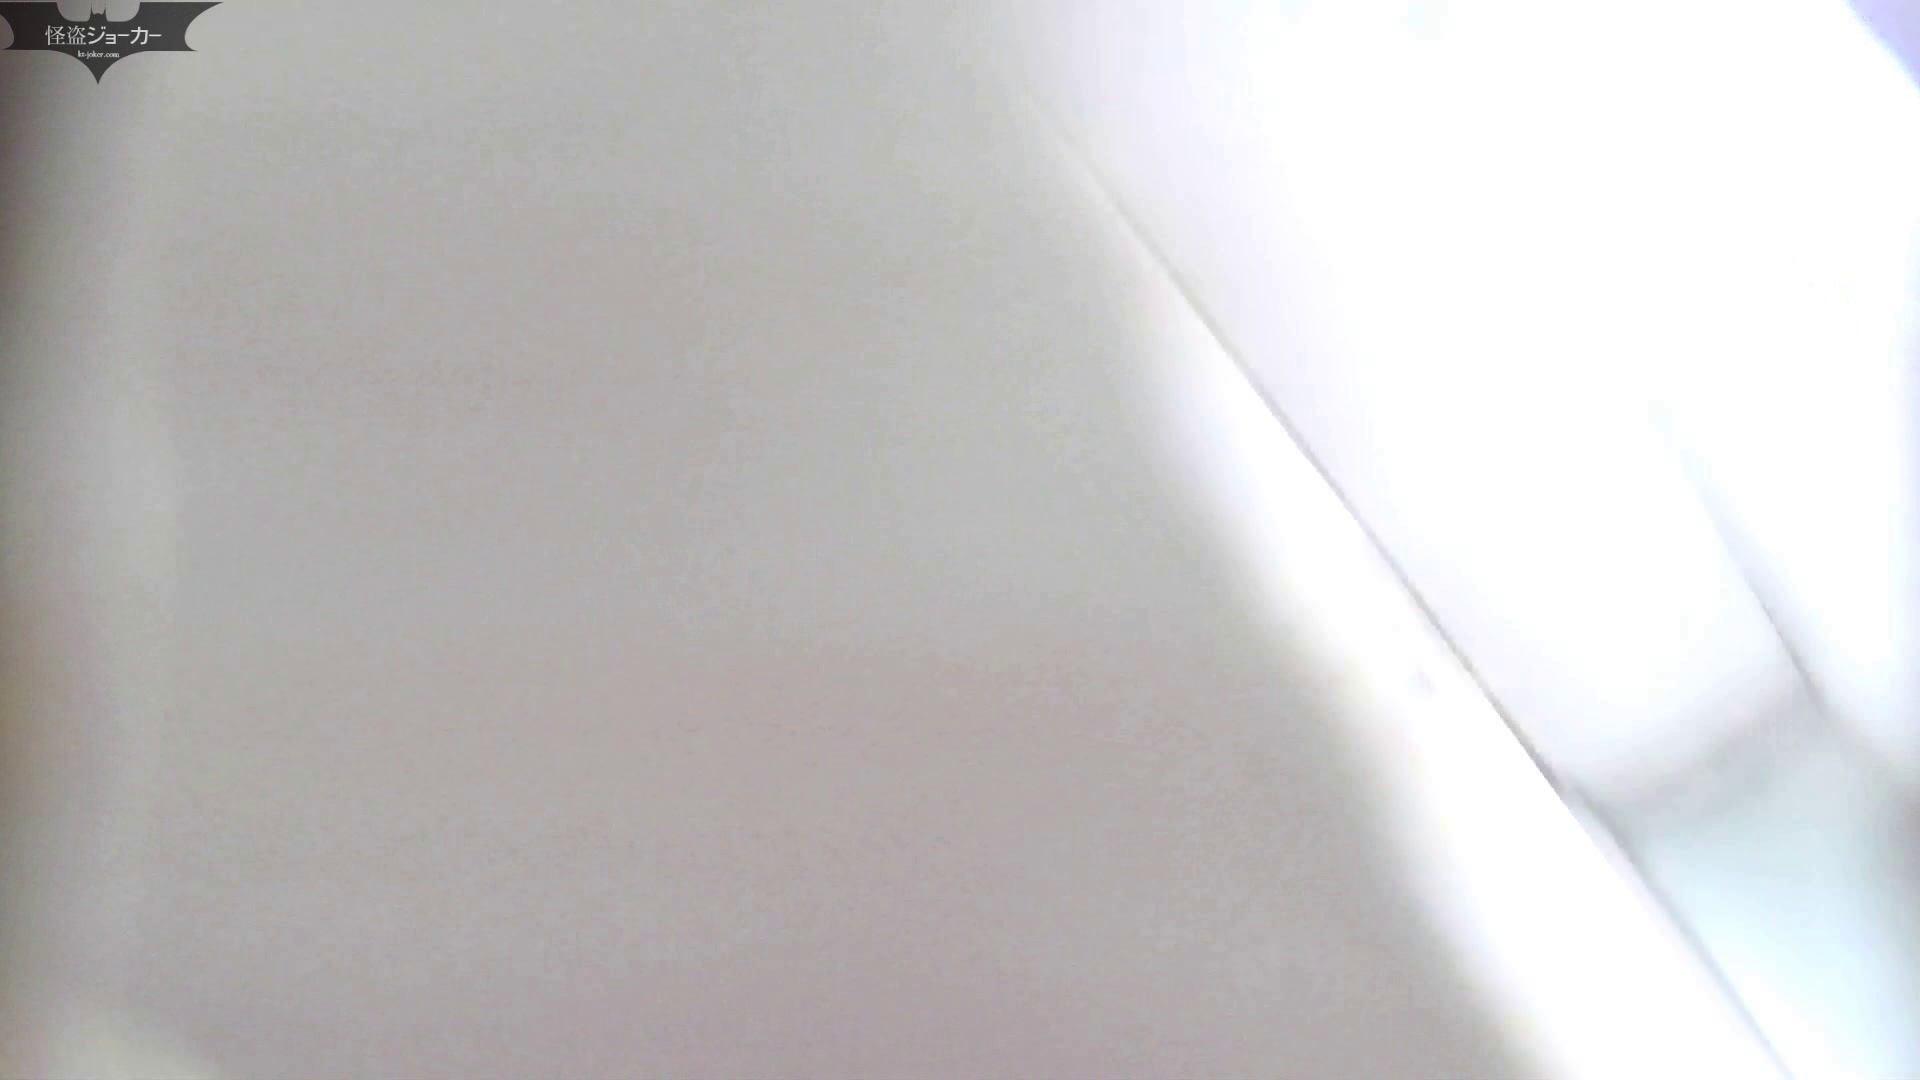 【美しき個室な世界】洗面所特攻隊 vol.051 エッチなOL  93枚 28